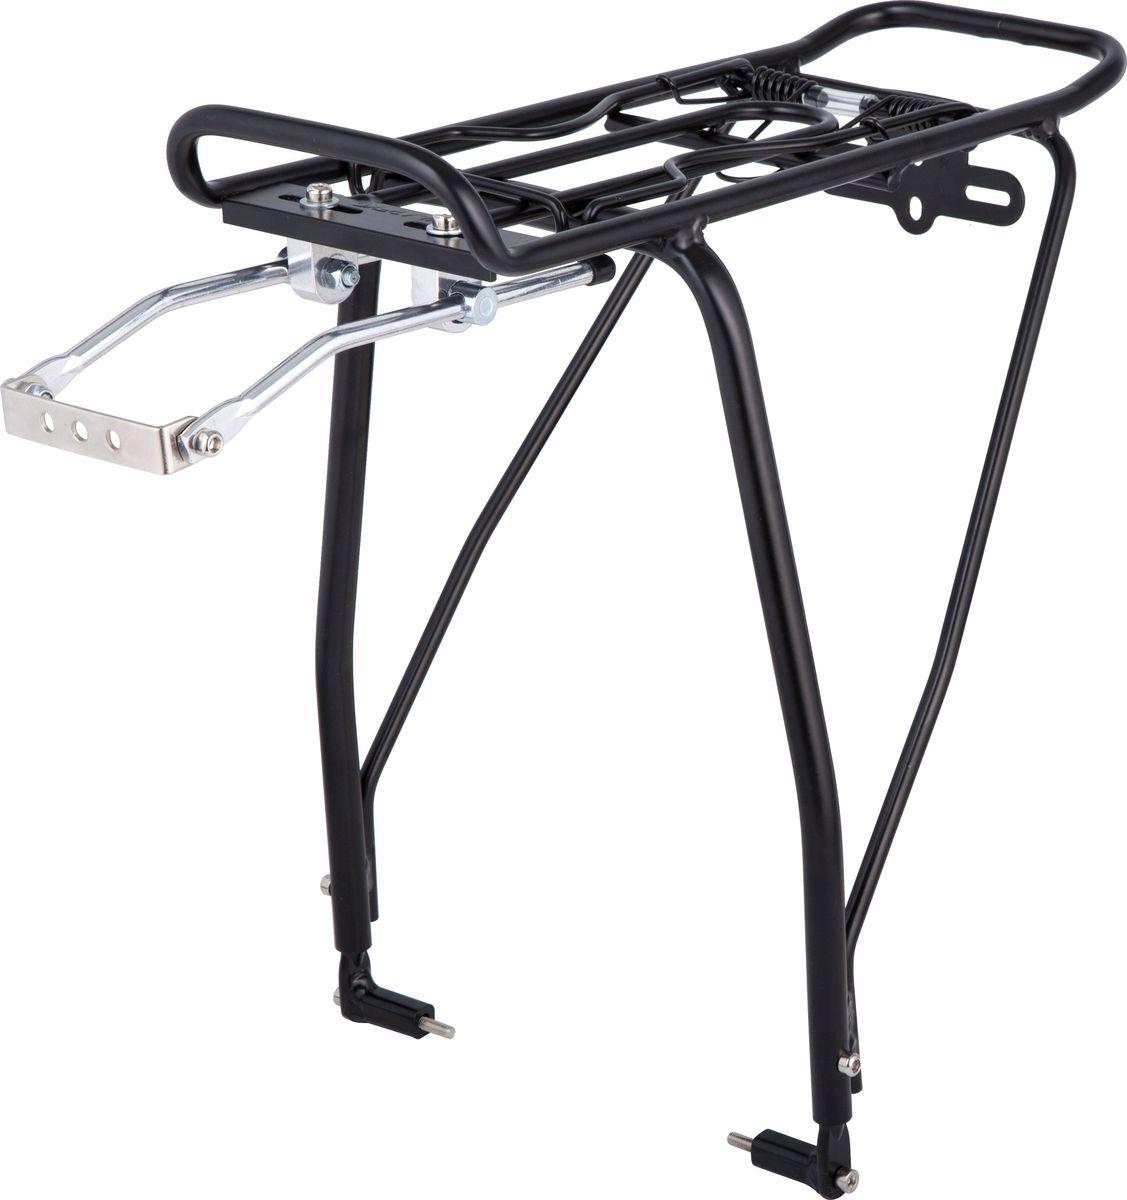 Багажник для велосипеда STG KWA-624-05, задний, под дисковые тормоза, цвет: черный, 26-29Х83151Алюминиевый багажник STG KWA-624-05 черного цвета предназначен для перевозки грузов. Он подходит для велосипедов с дисковым тормозом с диаметром колеса от 26 до 29. Багажник крепится над задним колесом велосипеда. Багажник имеет зажим на пружине, который позволяет зафиксировать груз.